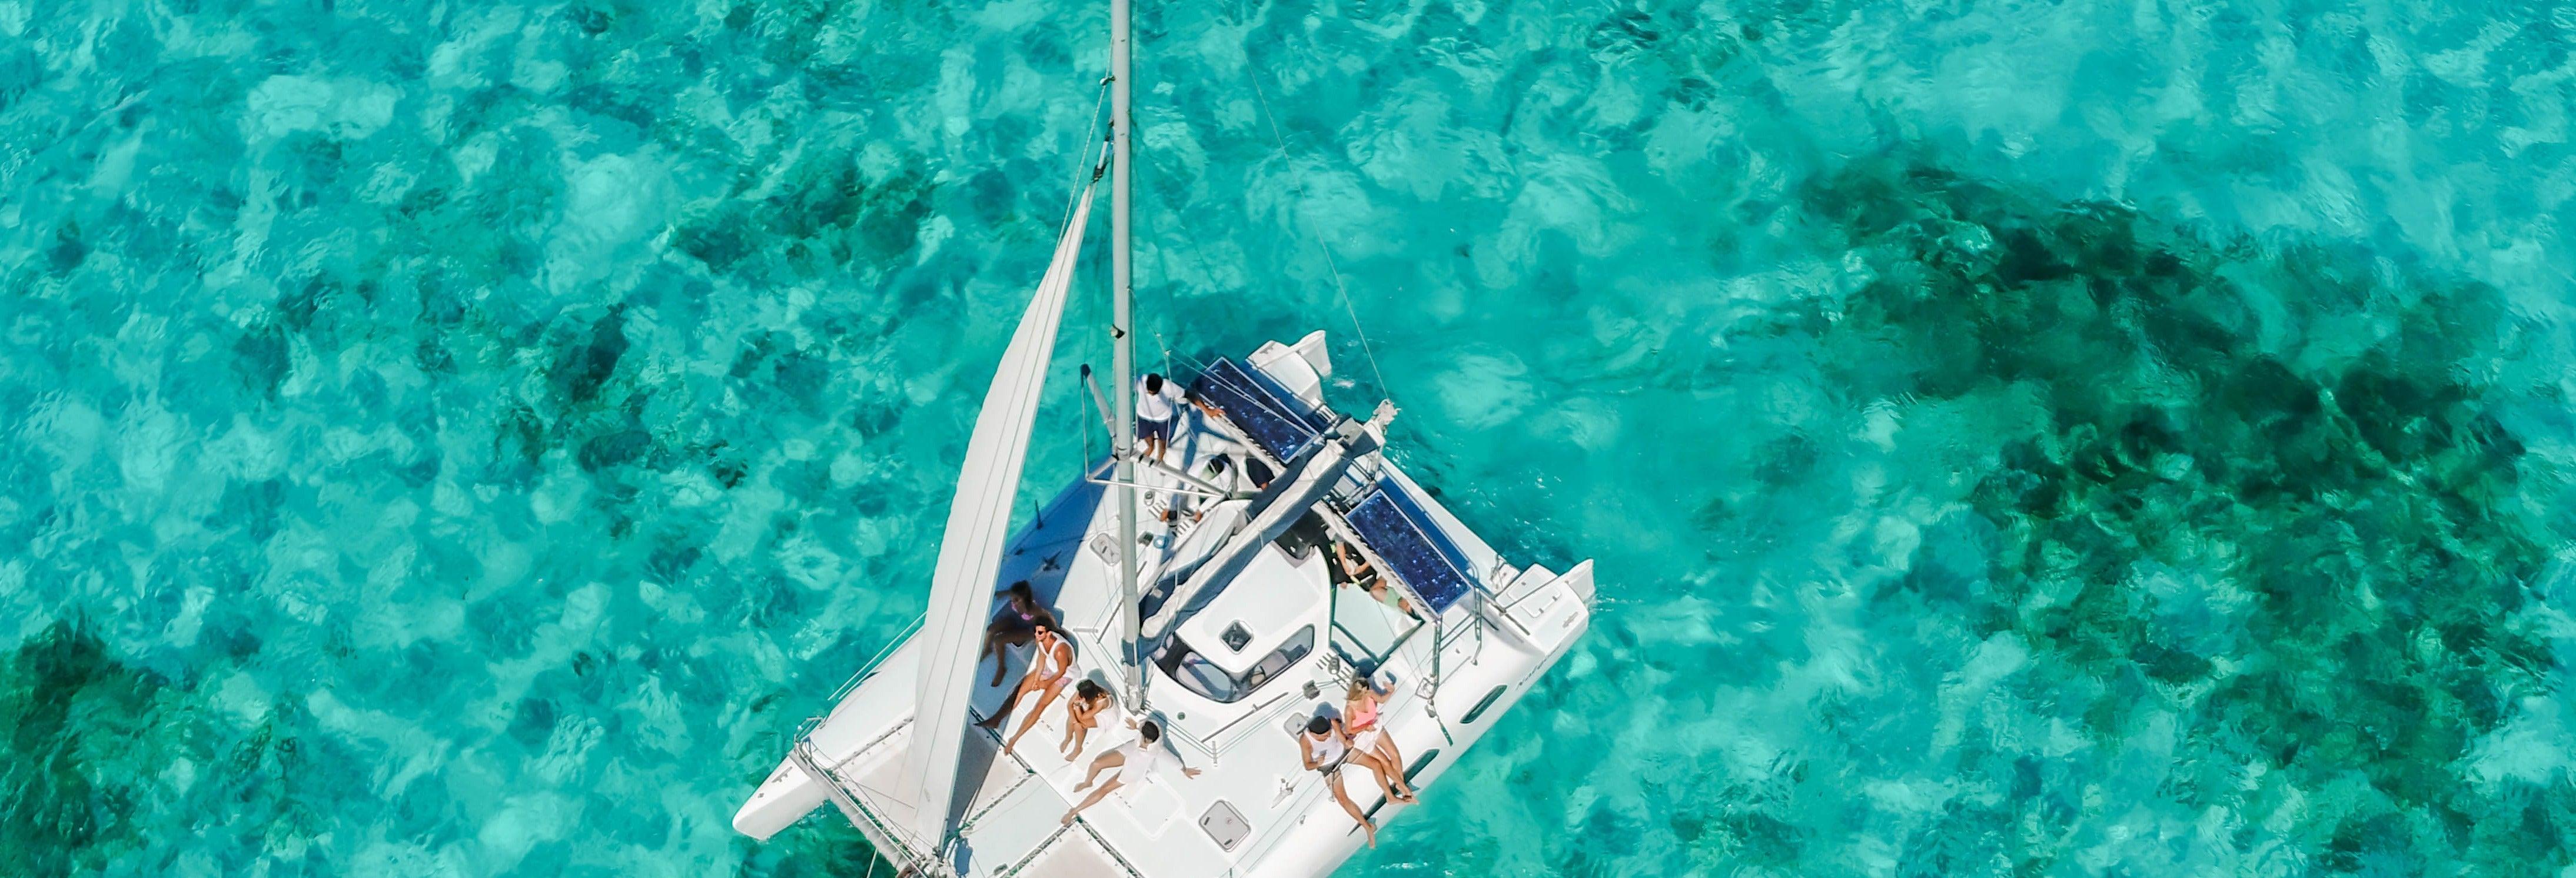 Excursion privée à Isla Mujeres en bateau